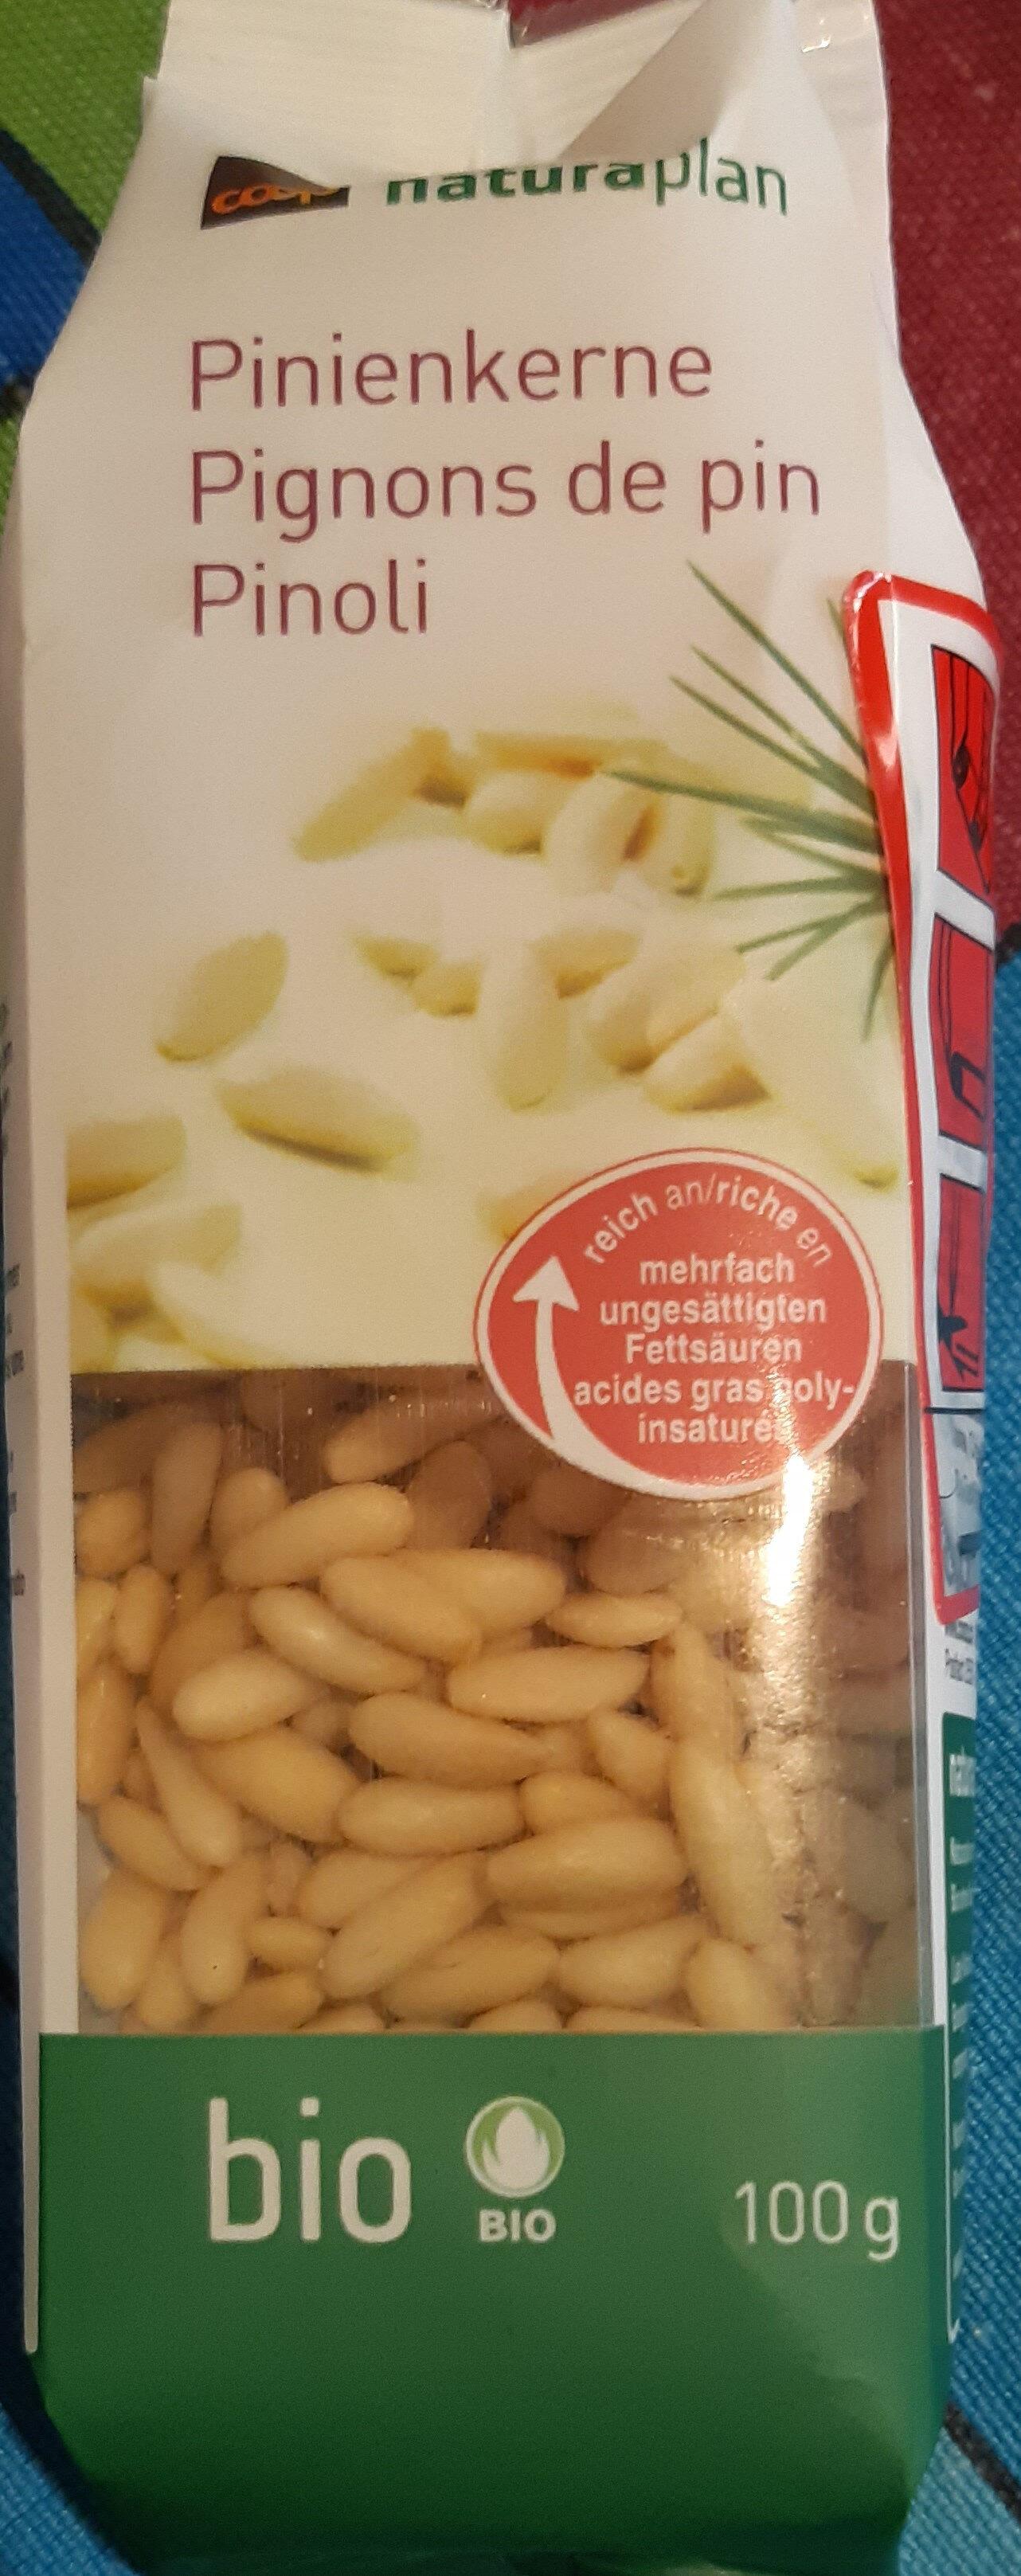 Pignons de pin - Product - fr